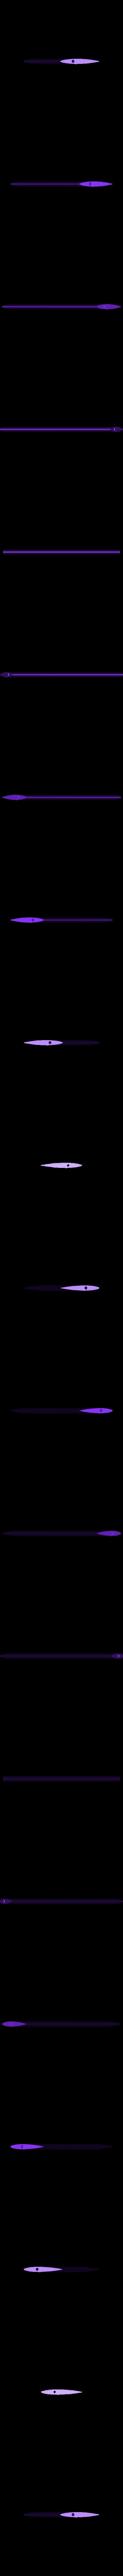 elevon_4.55.stl Télécharger fichier STL gratuit Crazy Wild Ellipse Wing (expérimental) • Modèle imprimable en 3D, wersy